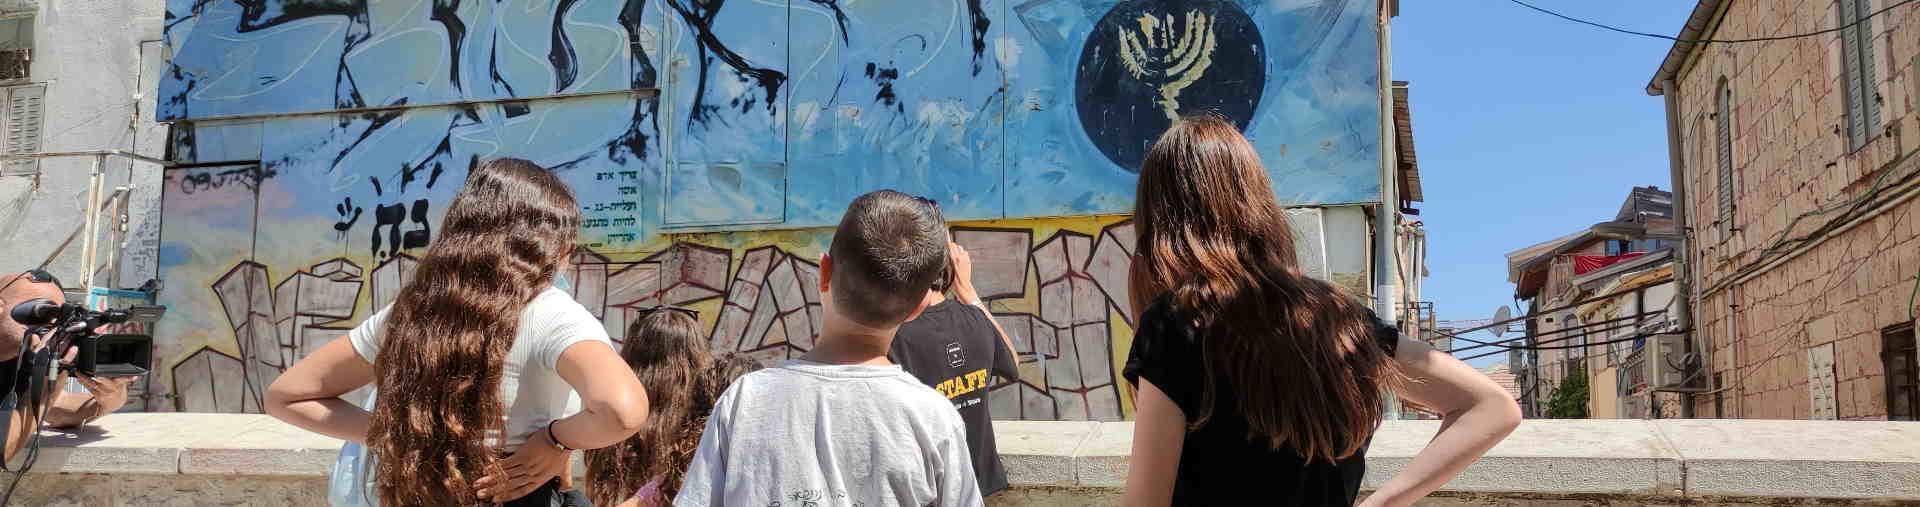 ילדים משתתפים בסיור גרפיטי בירושלים